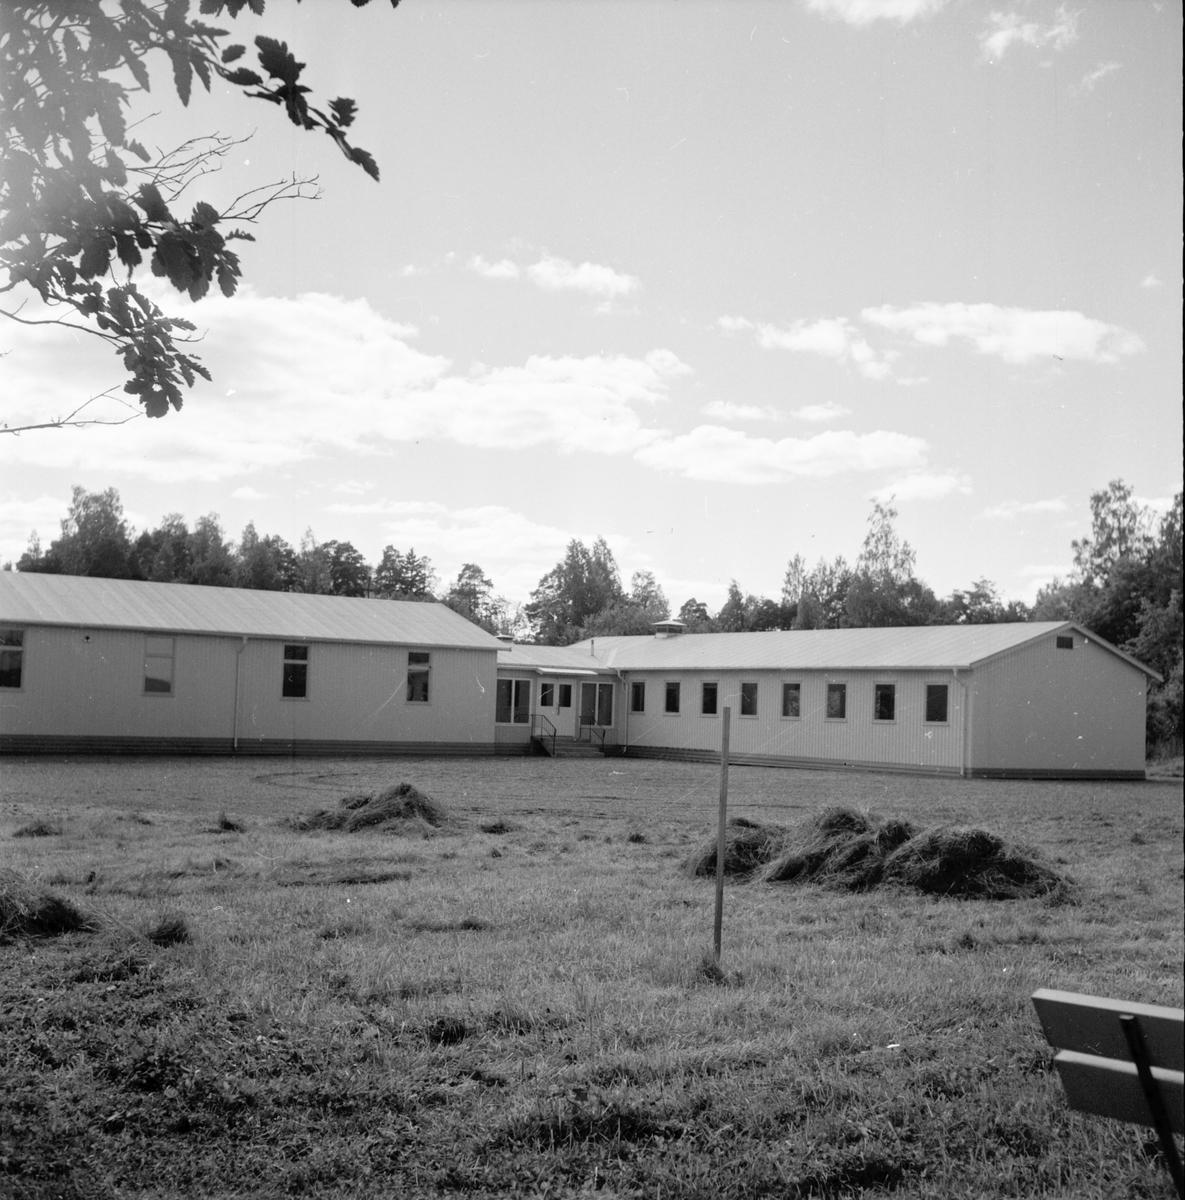 Skolpaviljong i Bollnäs, 21 aug 1961